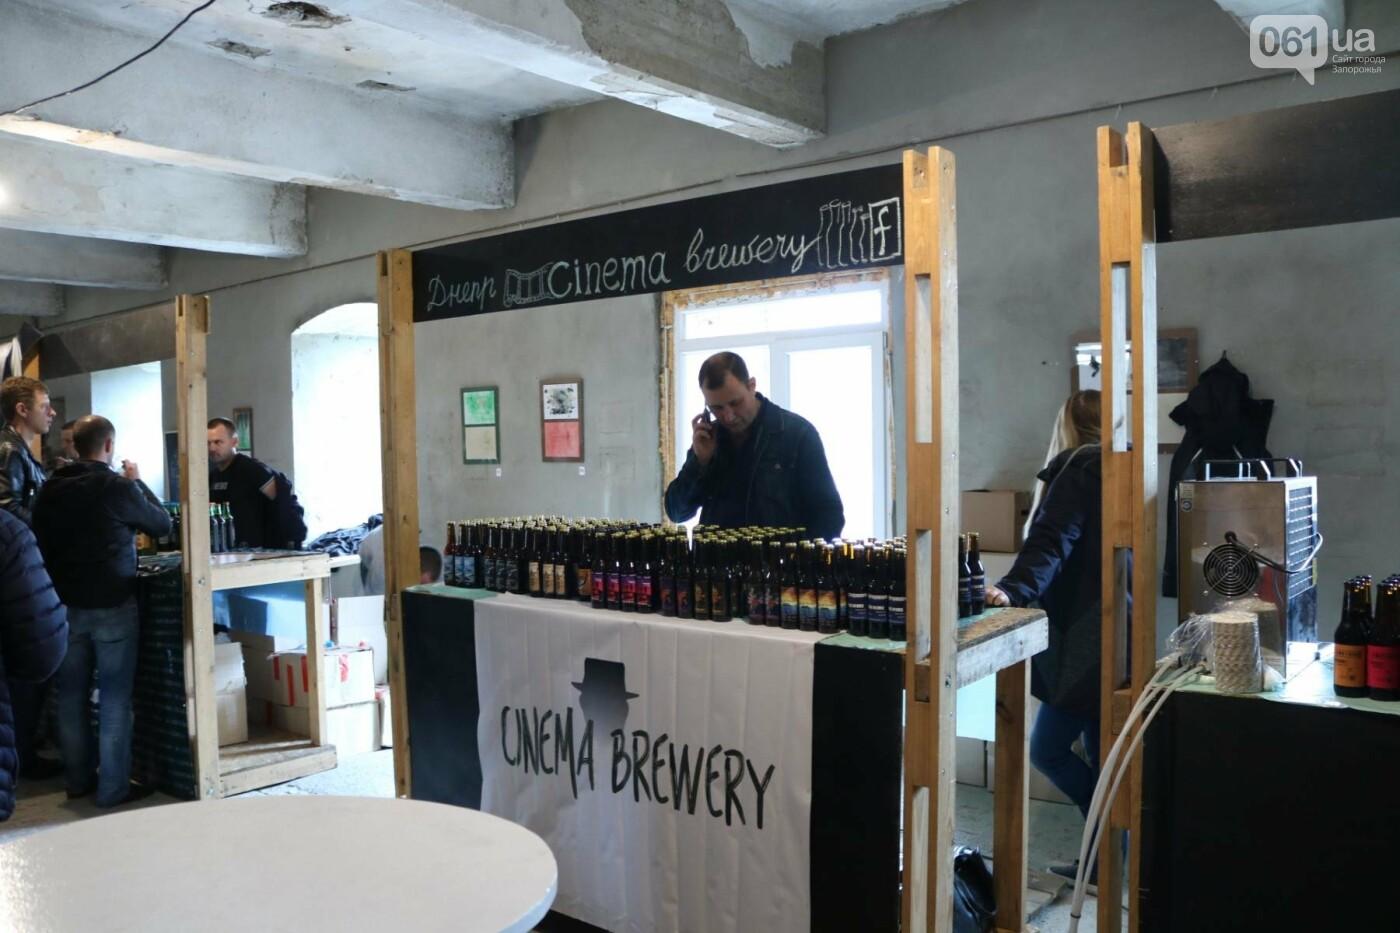 Как в Запорожье проходит фестиваль крафтового пива, - ФОТОРЕПОРТАЖ , фото-4